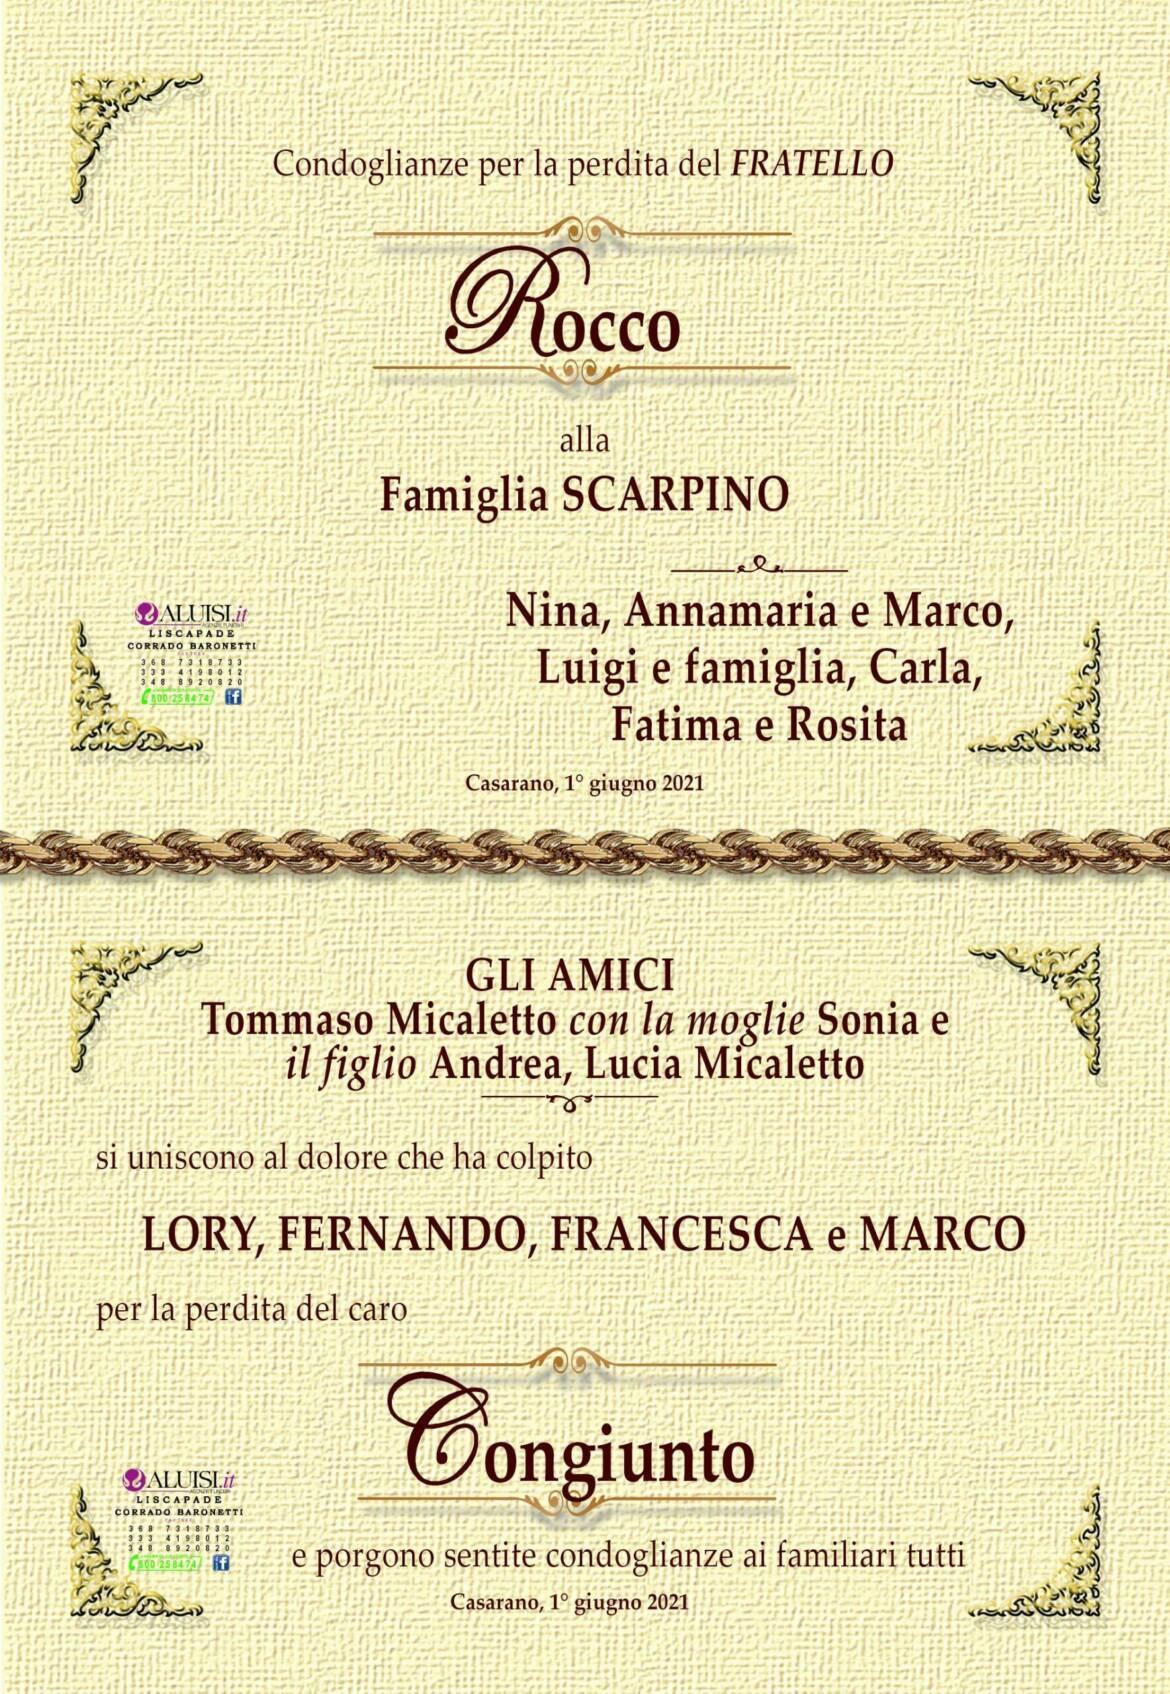 PARTECIPAZIONI-casarano-rocco-scarpino-2-1-scaled.jpg